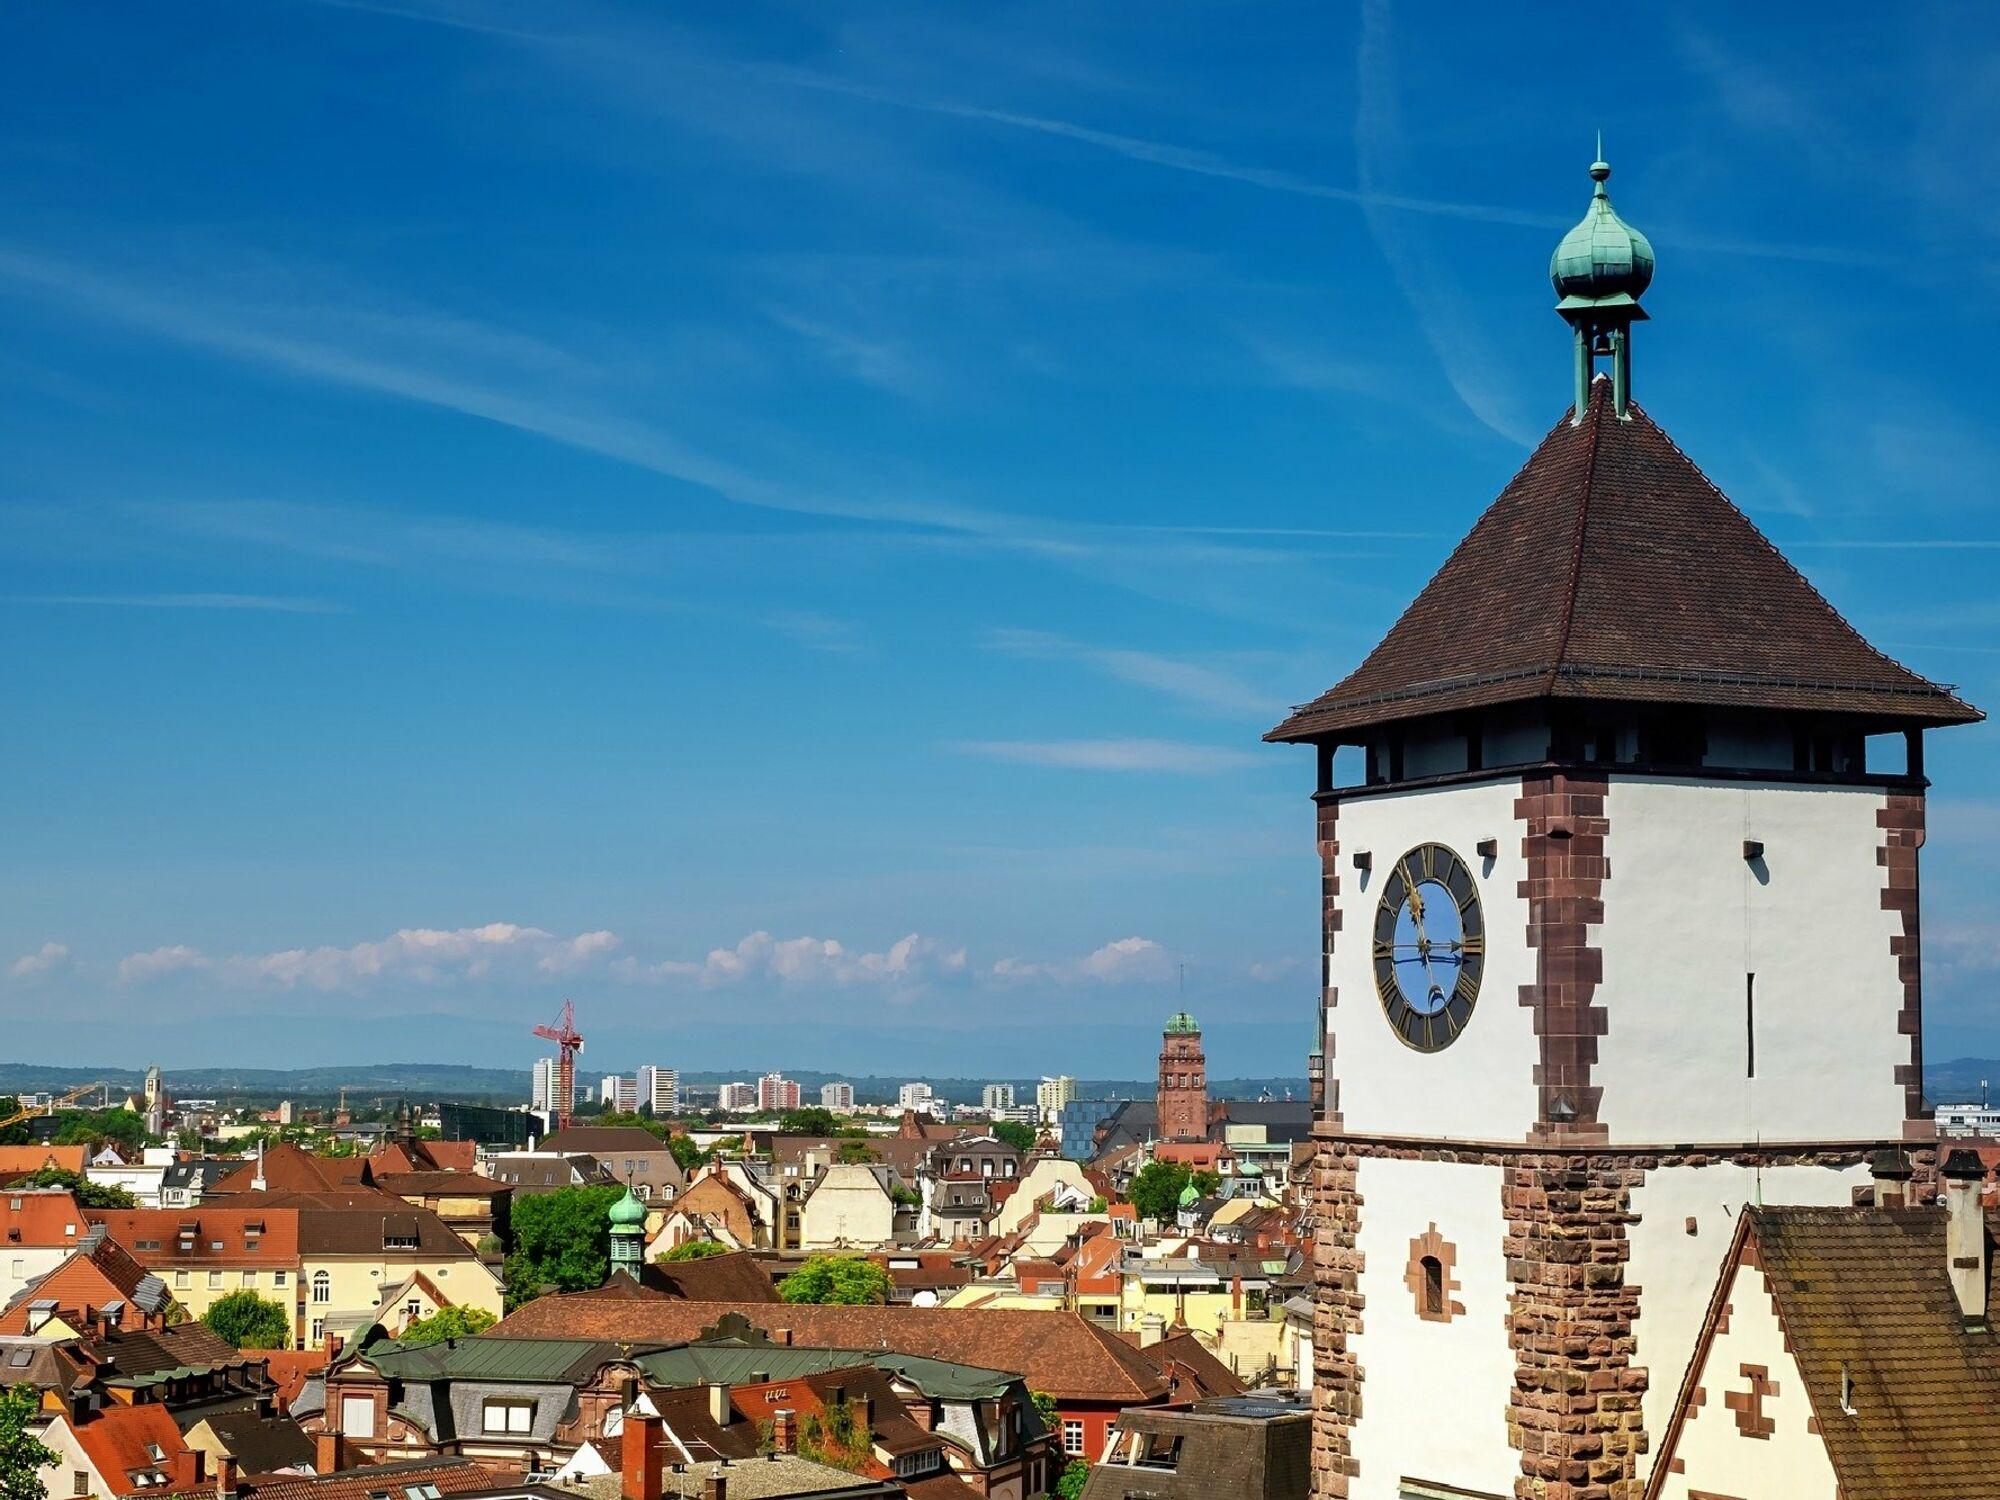 Das Schwabentor in Freiburg